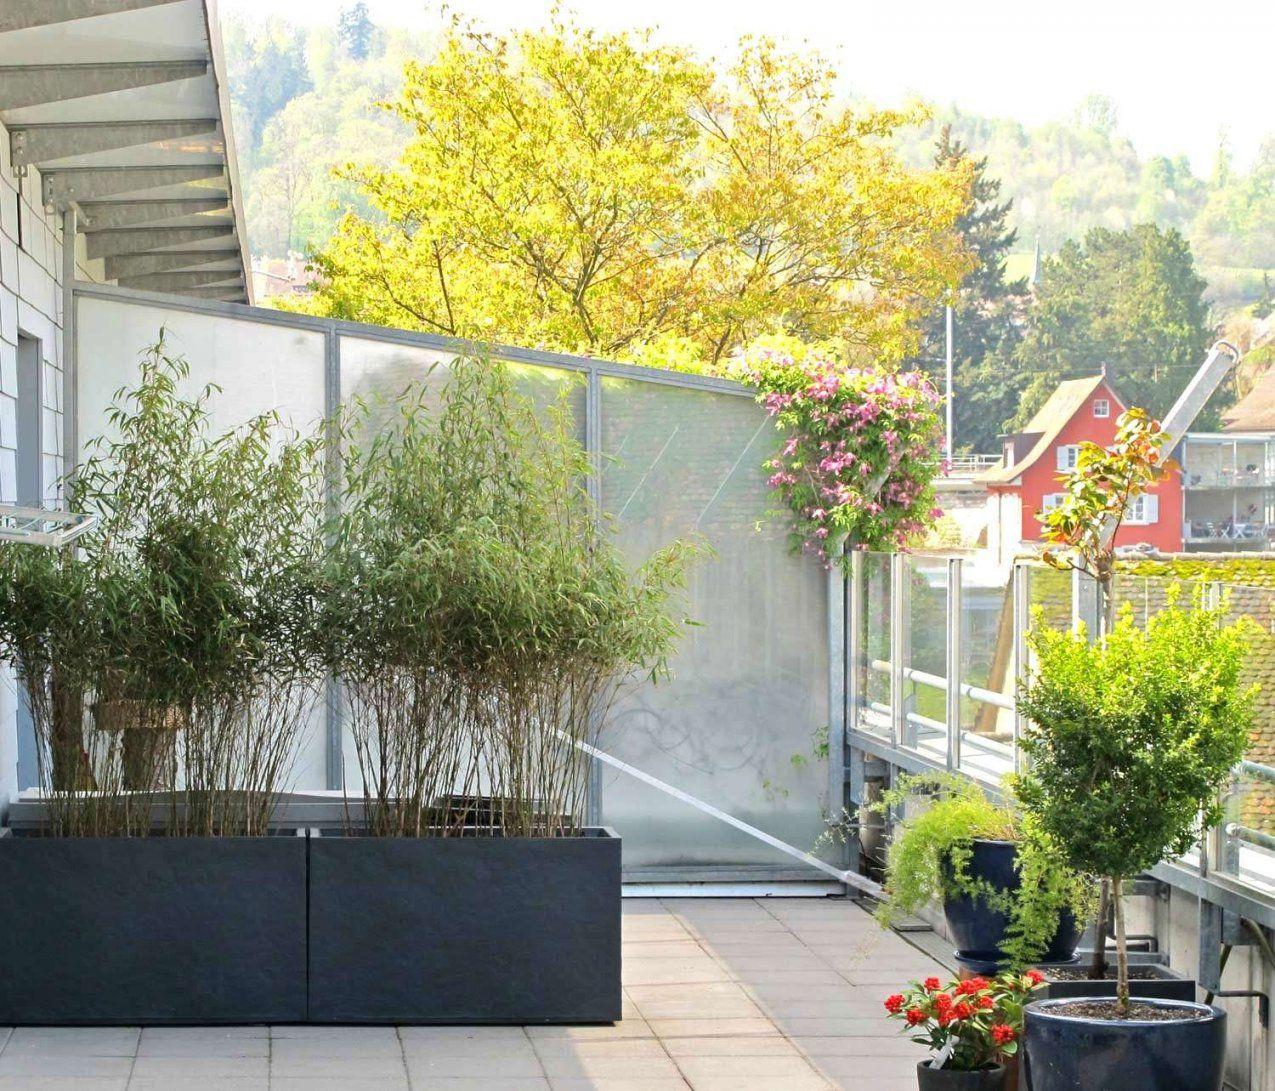 Bambus Windschutz 35 Neueste Balkon Sichtschutz Bambus Ikea Schema von Balkon Sichtschutz Bambus Ikea Photo